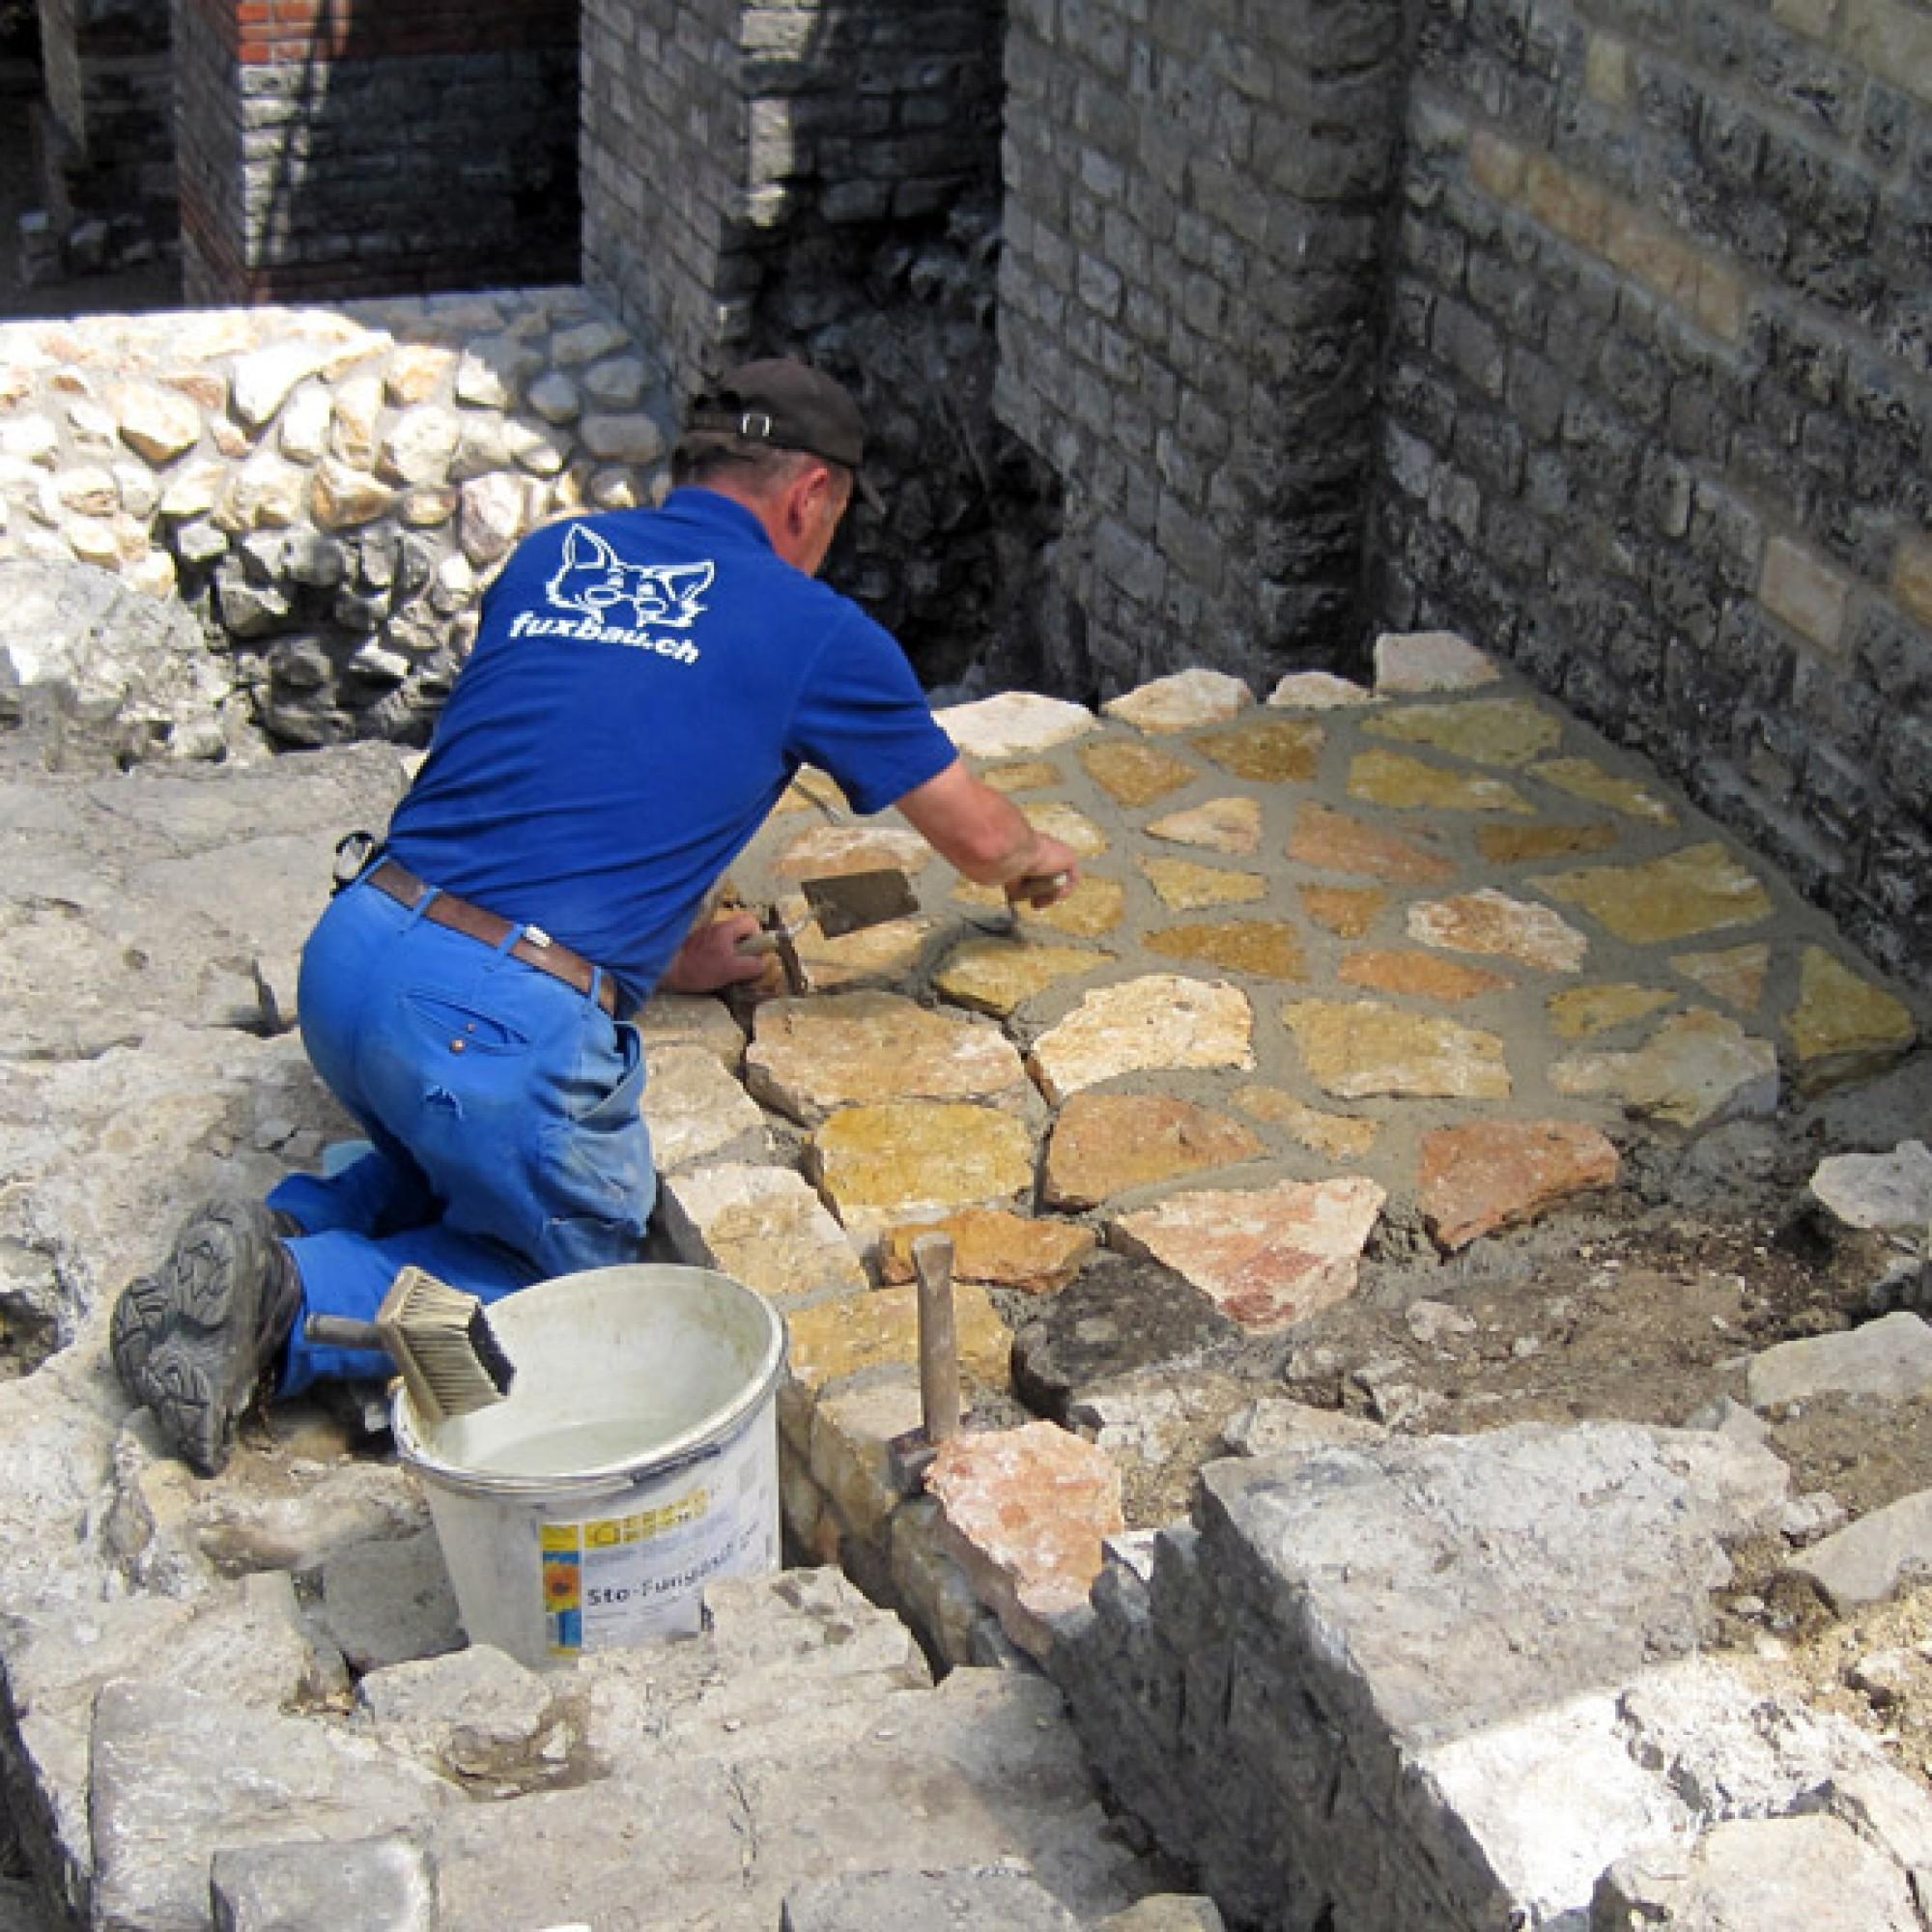 Die Sanierungsarbeiten an der Stützmauer laufen seit vergangenem Jahr. (PD)